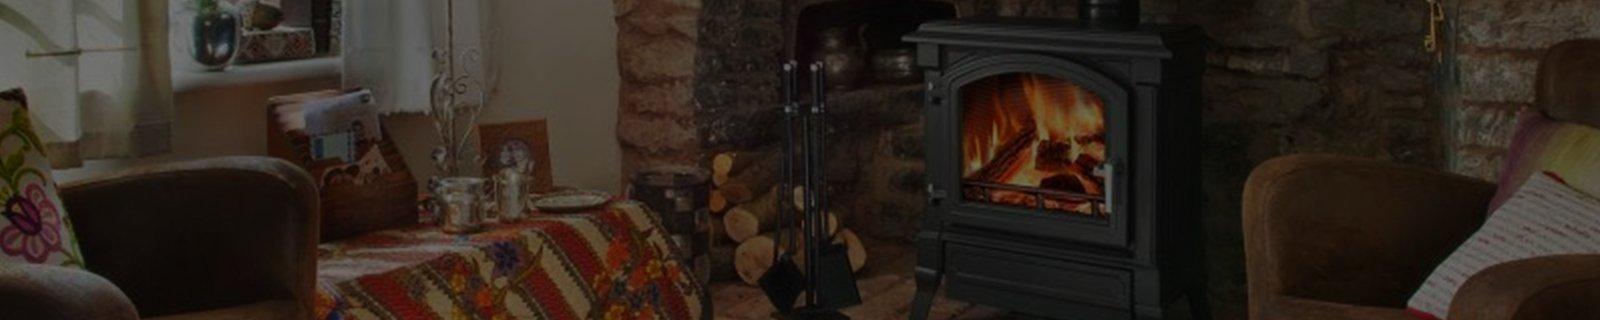 Печи с водяным контуром — купить печь с водяным отоплением │цены на Kaminoff.ua